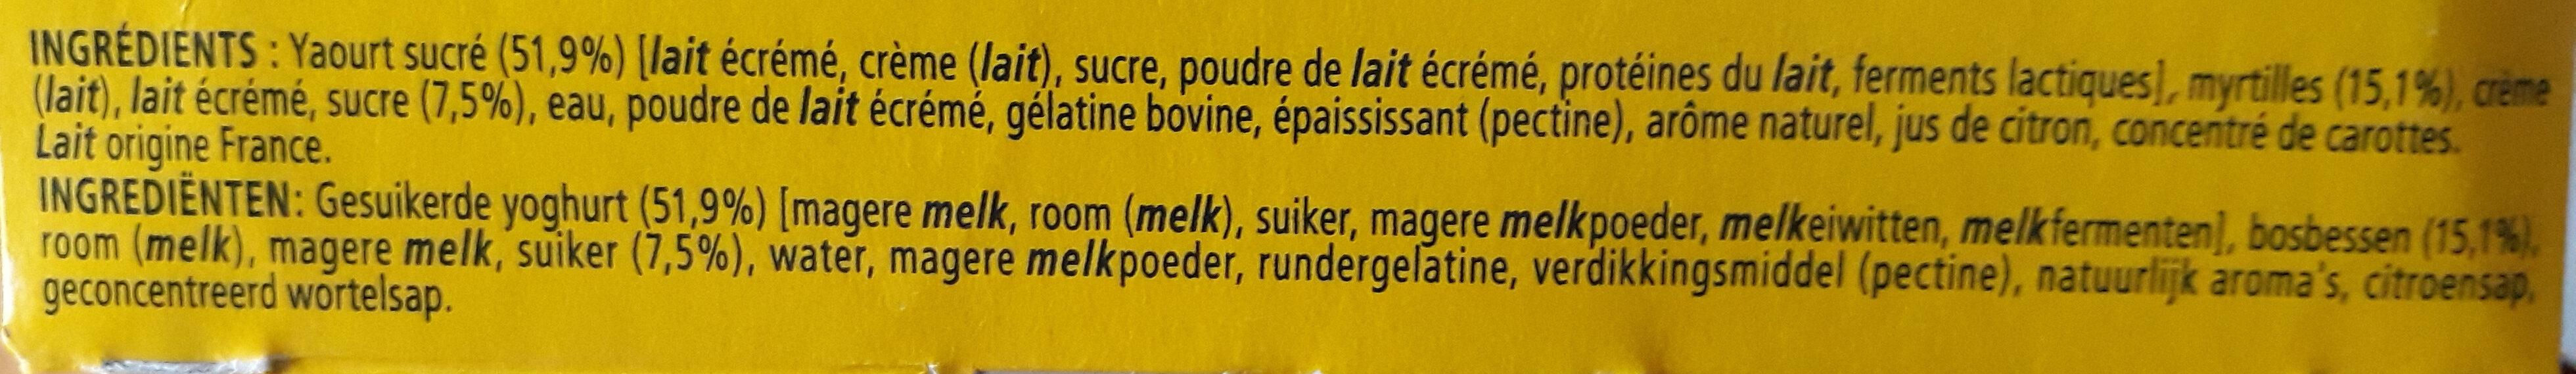 Le liégeois au yaourt, lit de framboises - Ingrédients